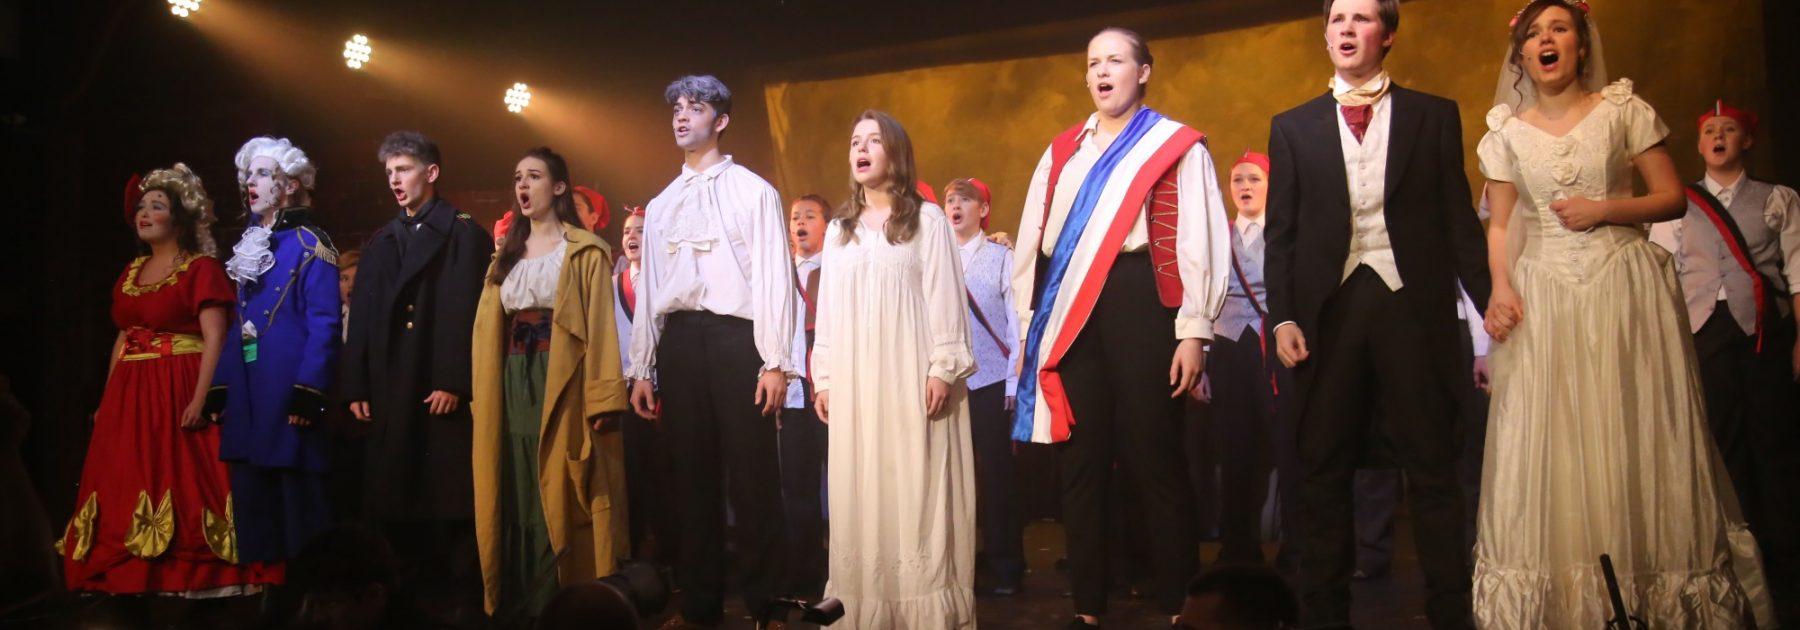 Glow Production – Les Misérables